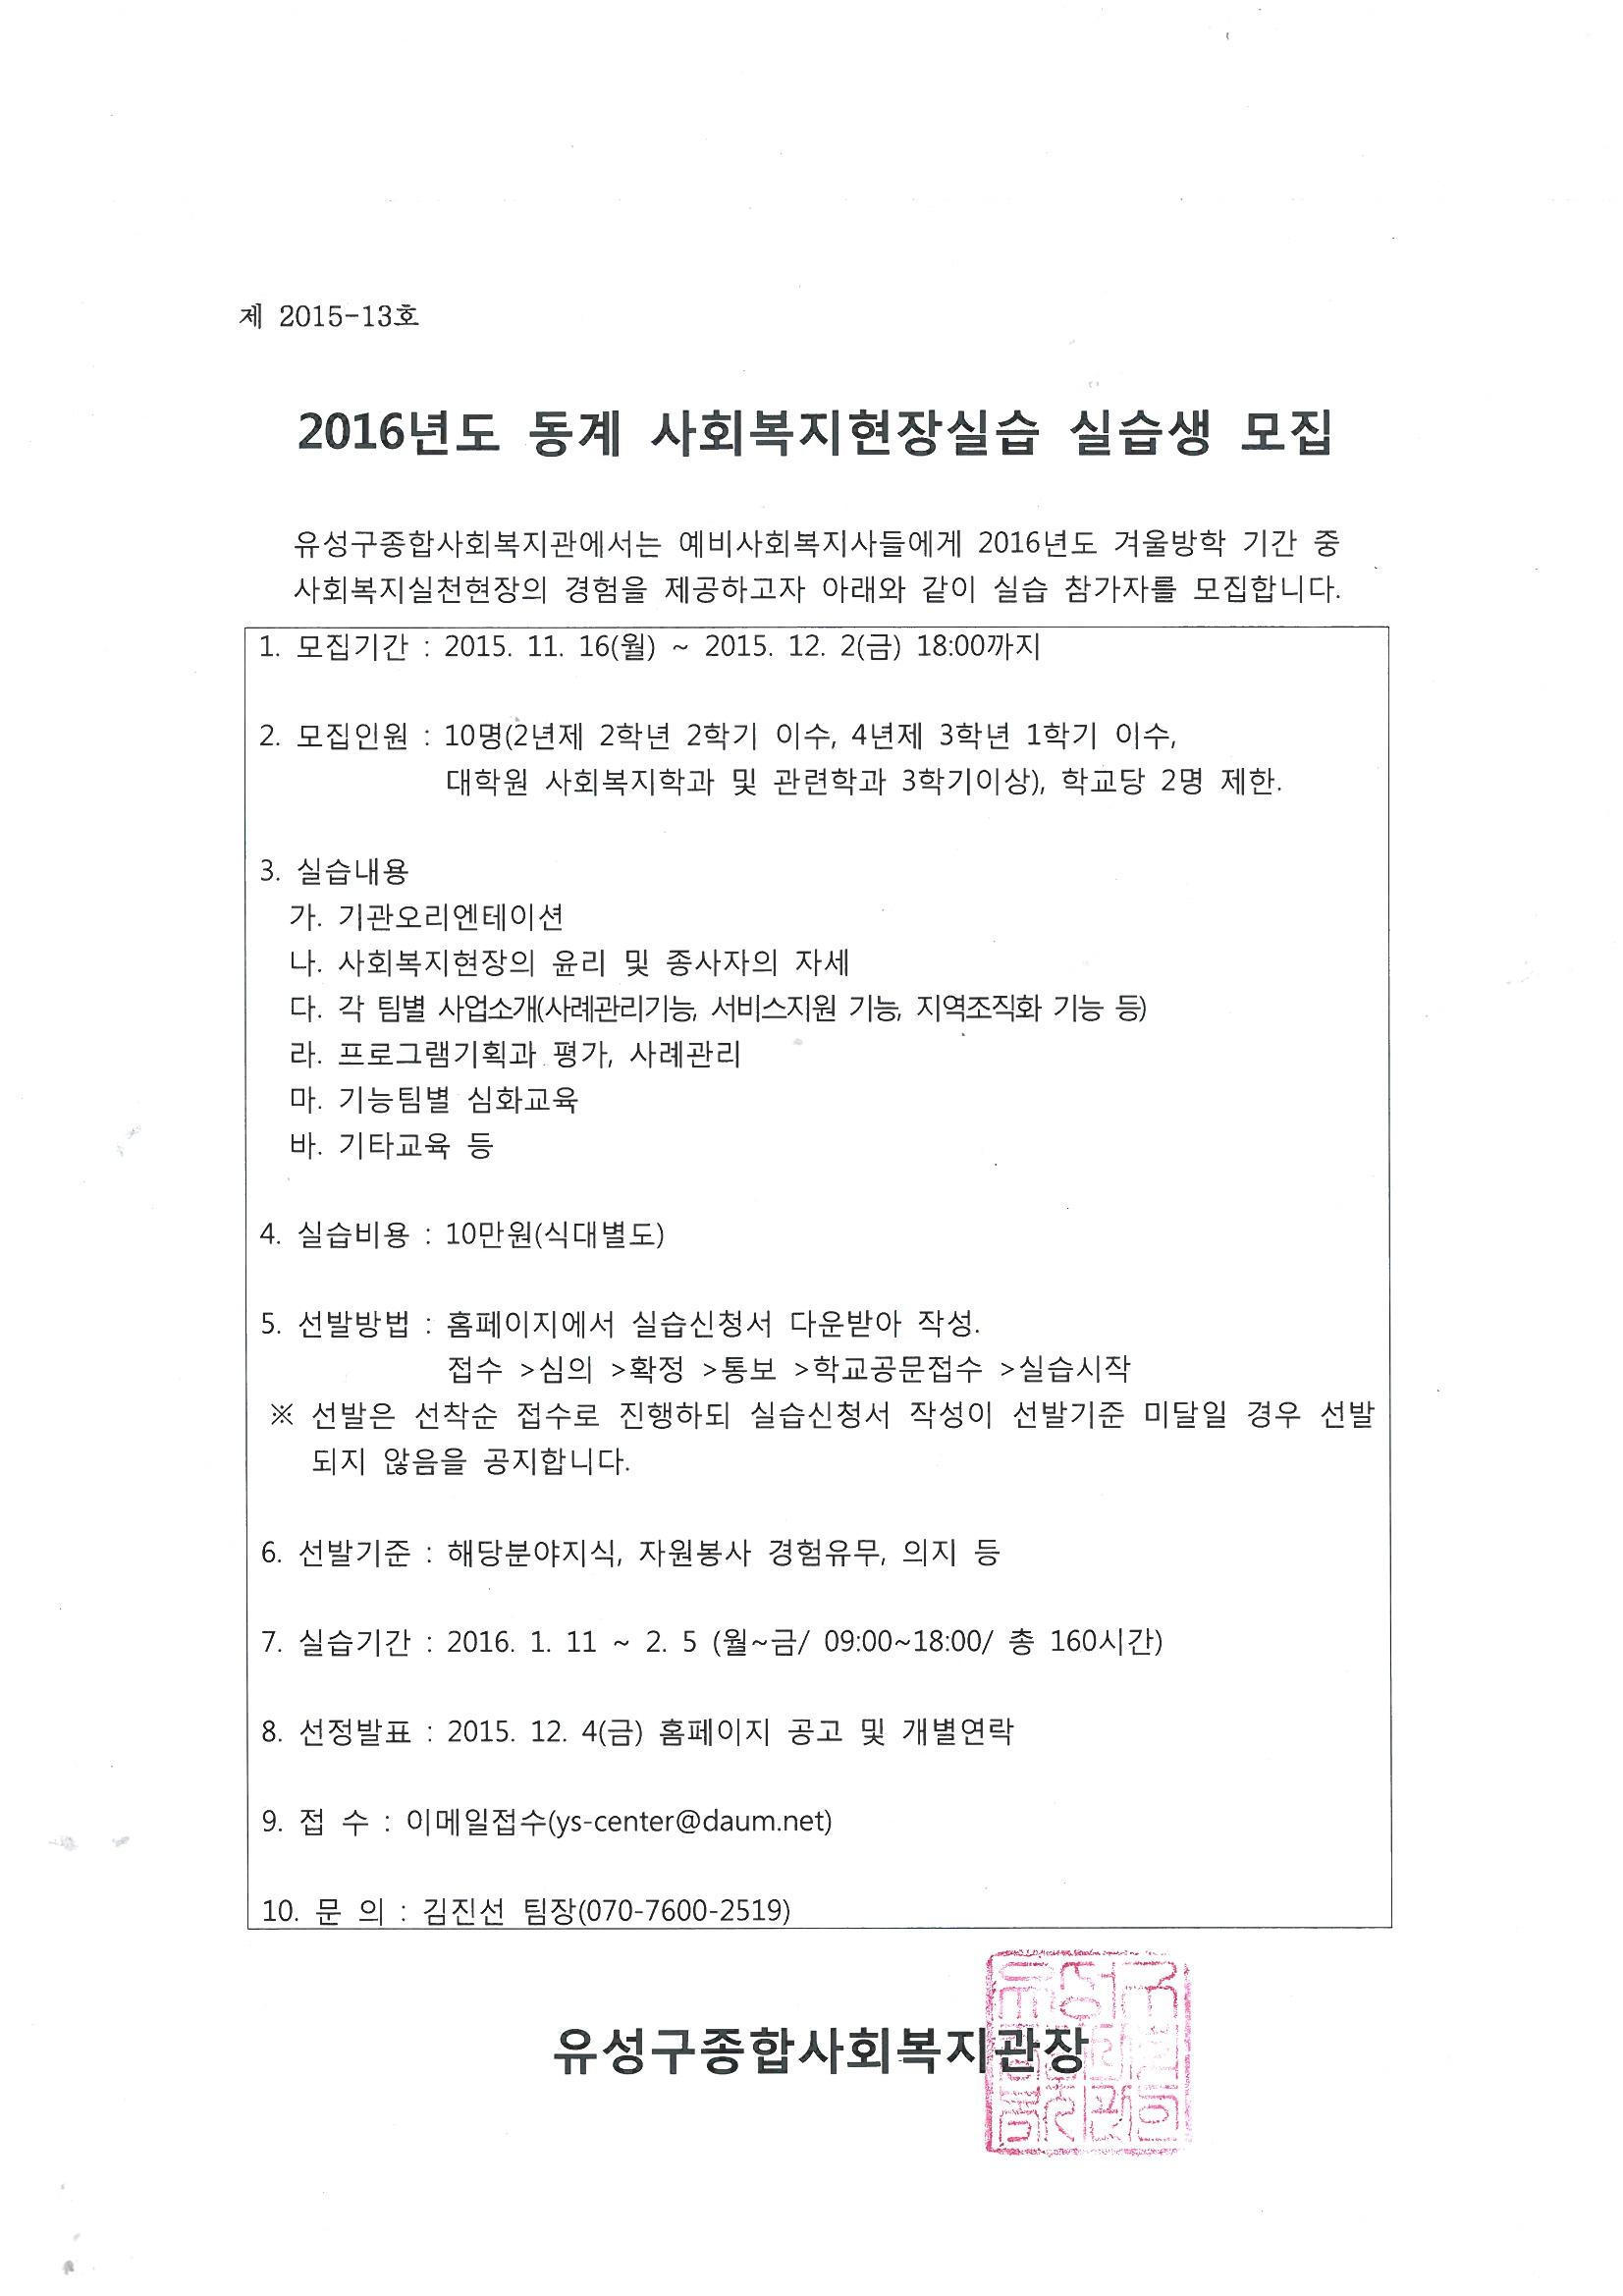 2016년 동계 사회복지현장실습 실습생 모집 공고문.jpg